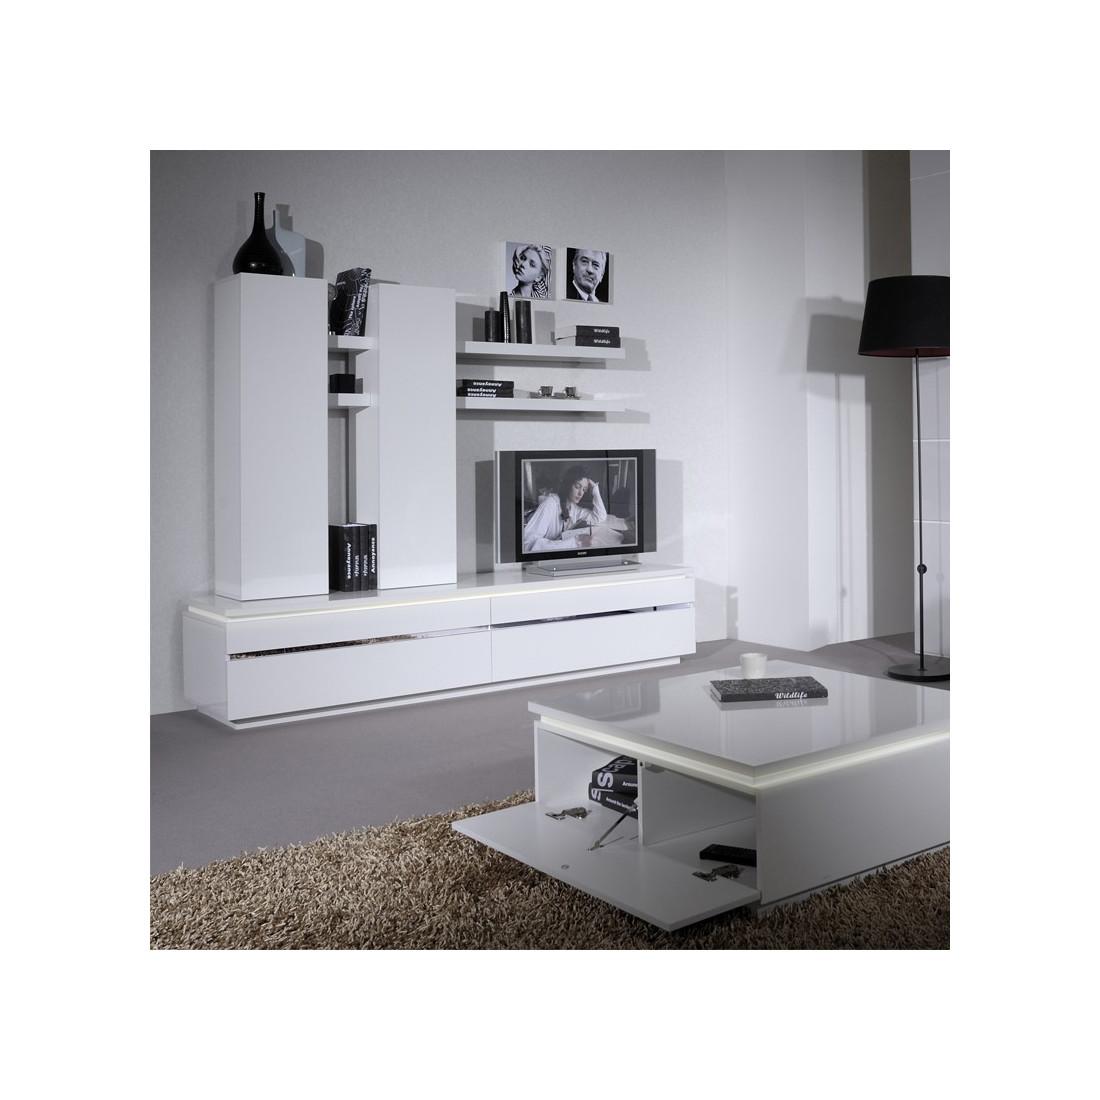 Meuble tv laque blanche 2 portes abattantes carmen univers salon - Laque meuble ...